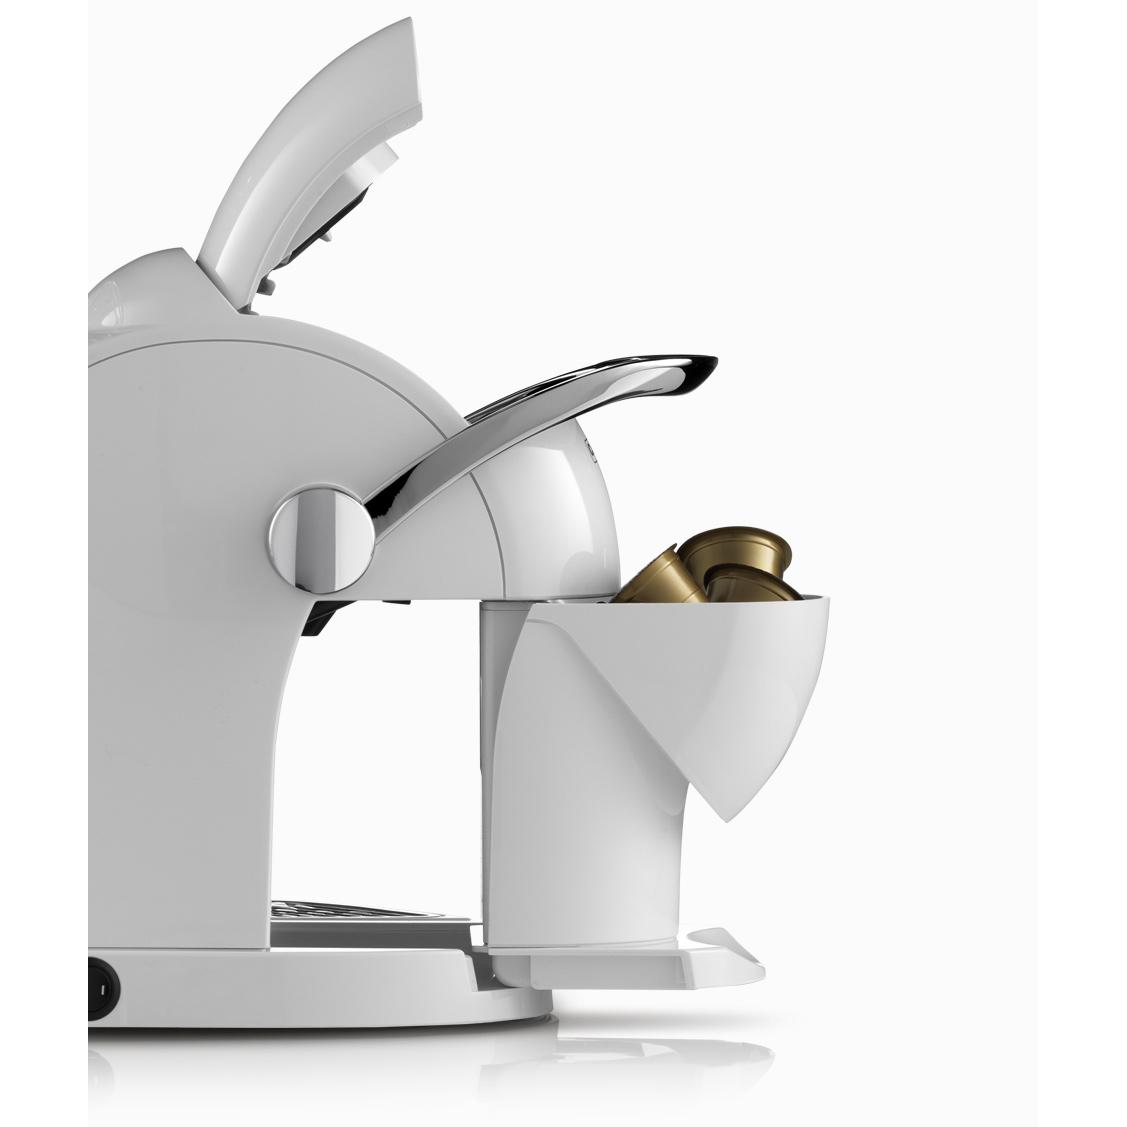 Доставка на кафе капсули и кафе машини 64